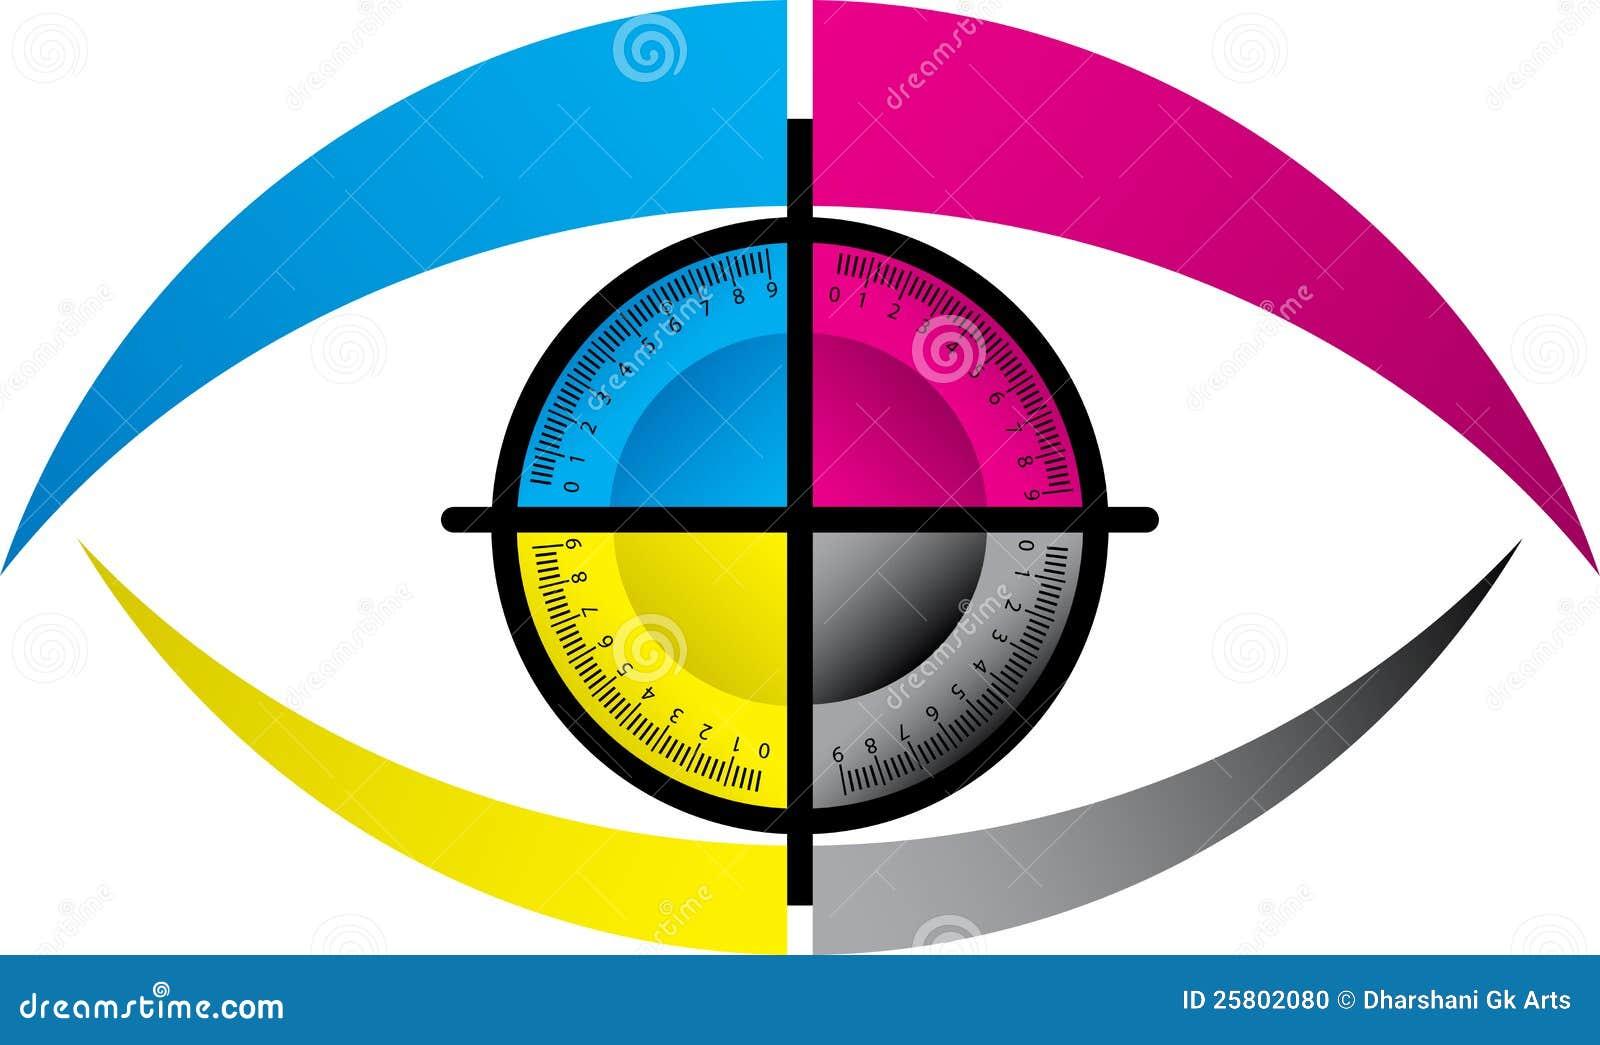 Cmyk Eye Logo Stock Photo Image 25802080